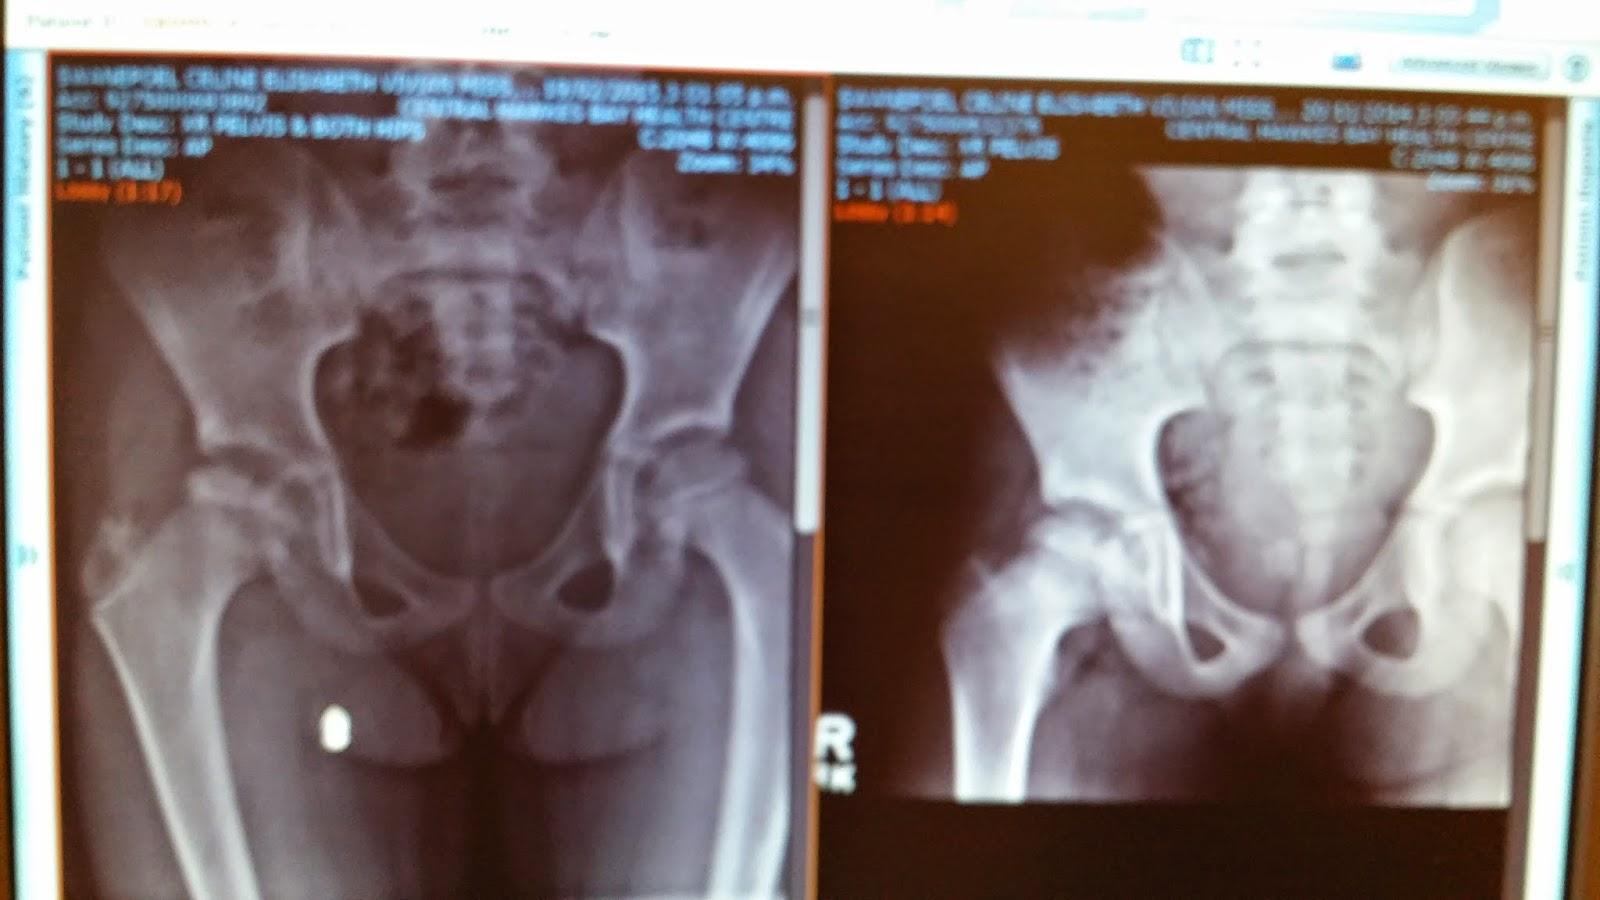 Celine's Perthes Disease X-Rays